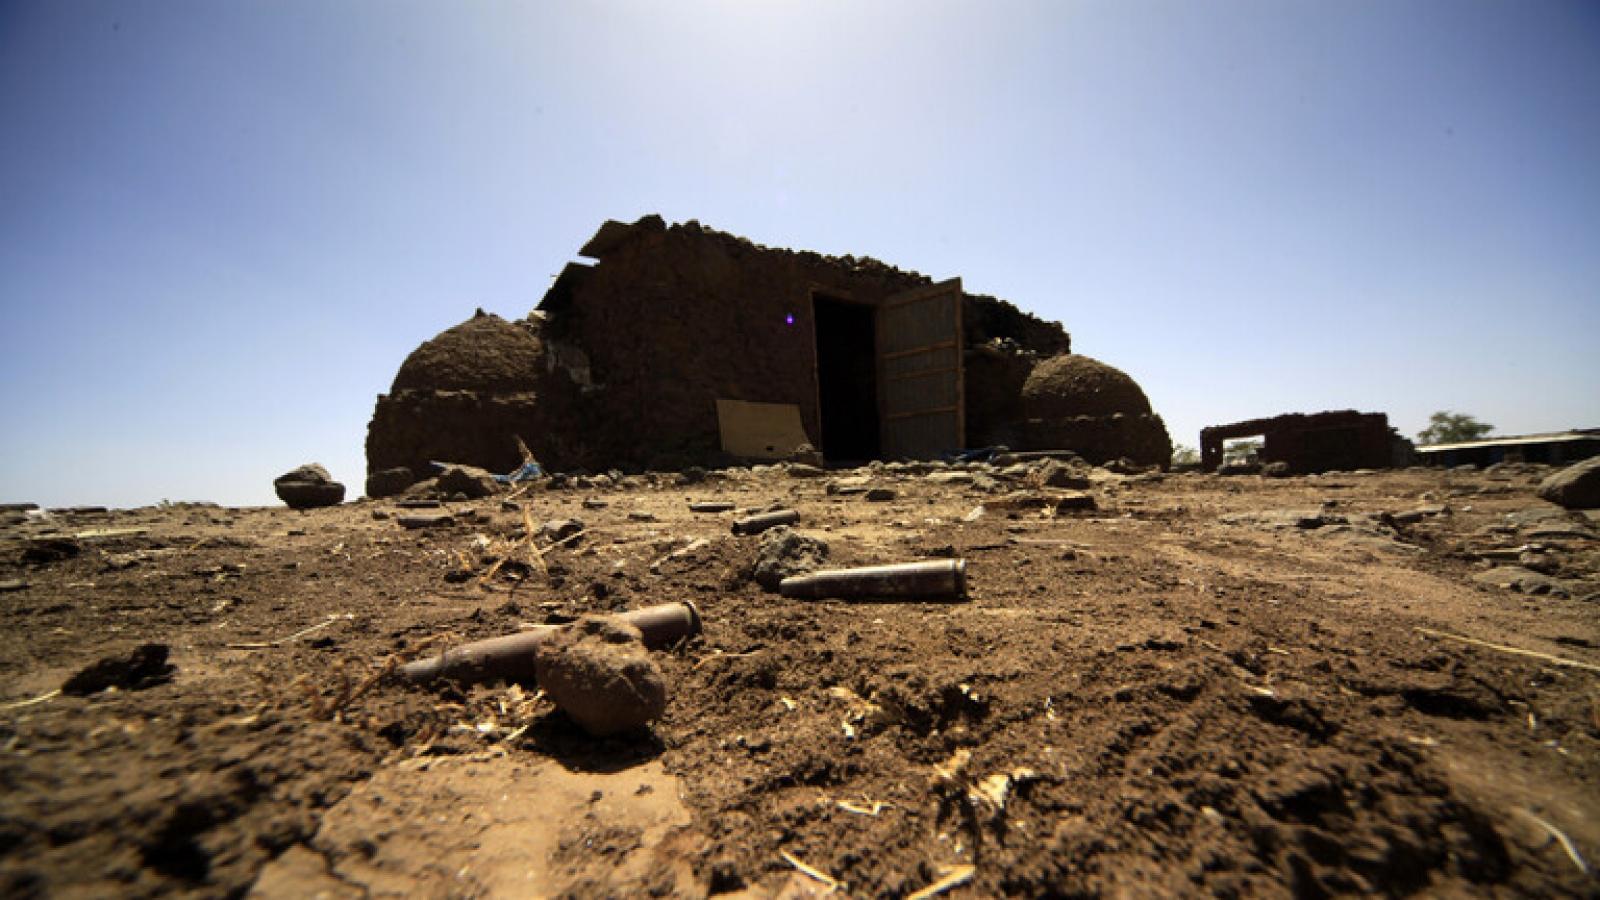 Đụng độ giữa các bộ lạc ở Sudan làm hơn 240 người thương vong